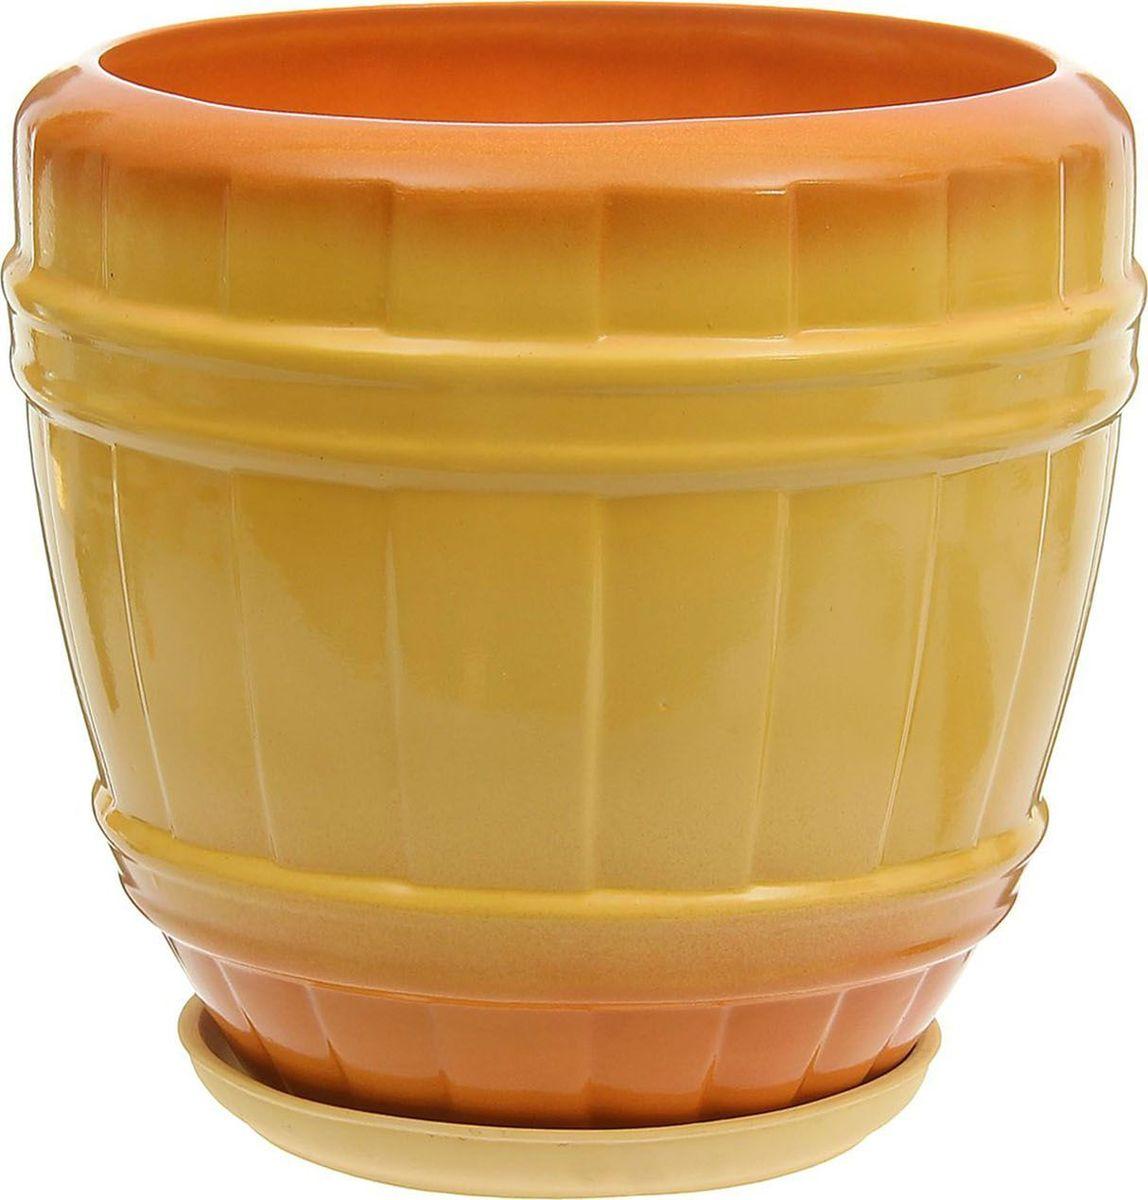 Кашпо Кадушка, цвет: желтый, 22 л1170822Комнатные растения — всеобщие любимцы. Они радуют глаз, насыщают помещение кислородом и украшают пространство. Каждому из них необходим свой удобный и красивый дом. Кашпо из керамики прекрасно подходят для высадки растений: за счет пластичности глины и разных способов обработки существует великое множество форм и дизайнов пористый материал позволяет испаряться лишней влаге воздух, необходимый для дыхания корней, проникает сквозь керамические стенки! позаботится о зеленом питомце, освежит интерьер и подчеркнет его стиль.